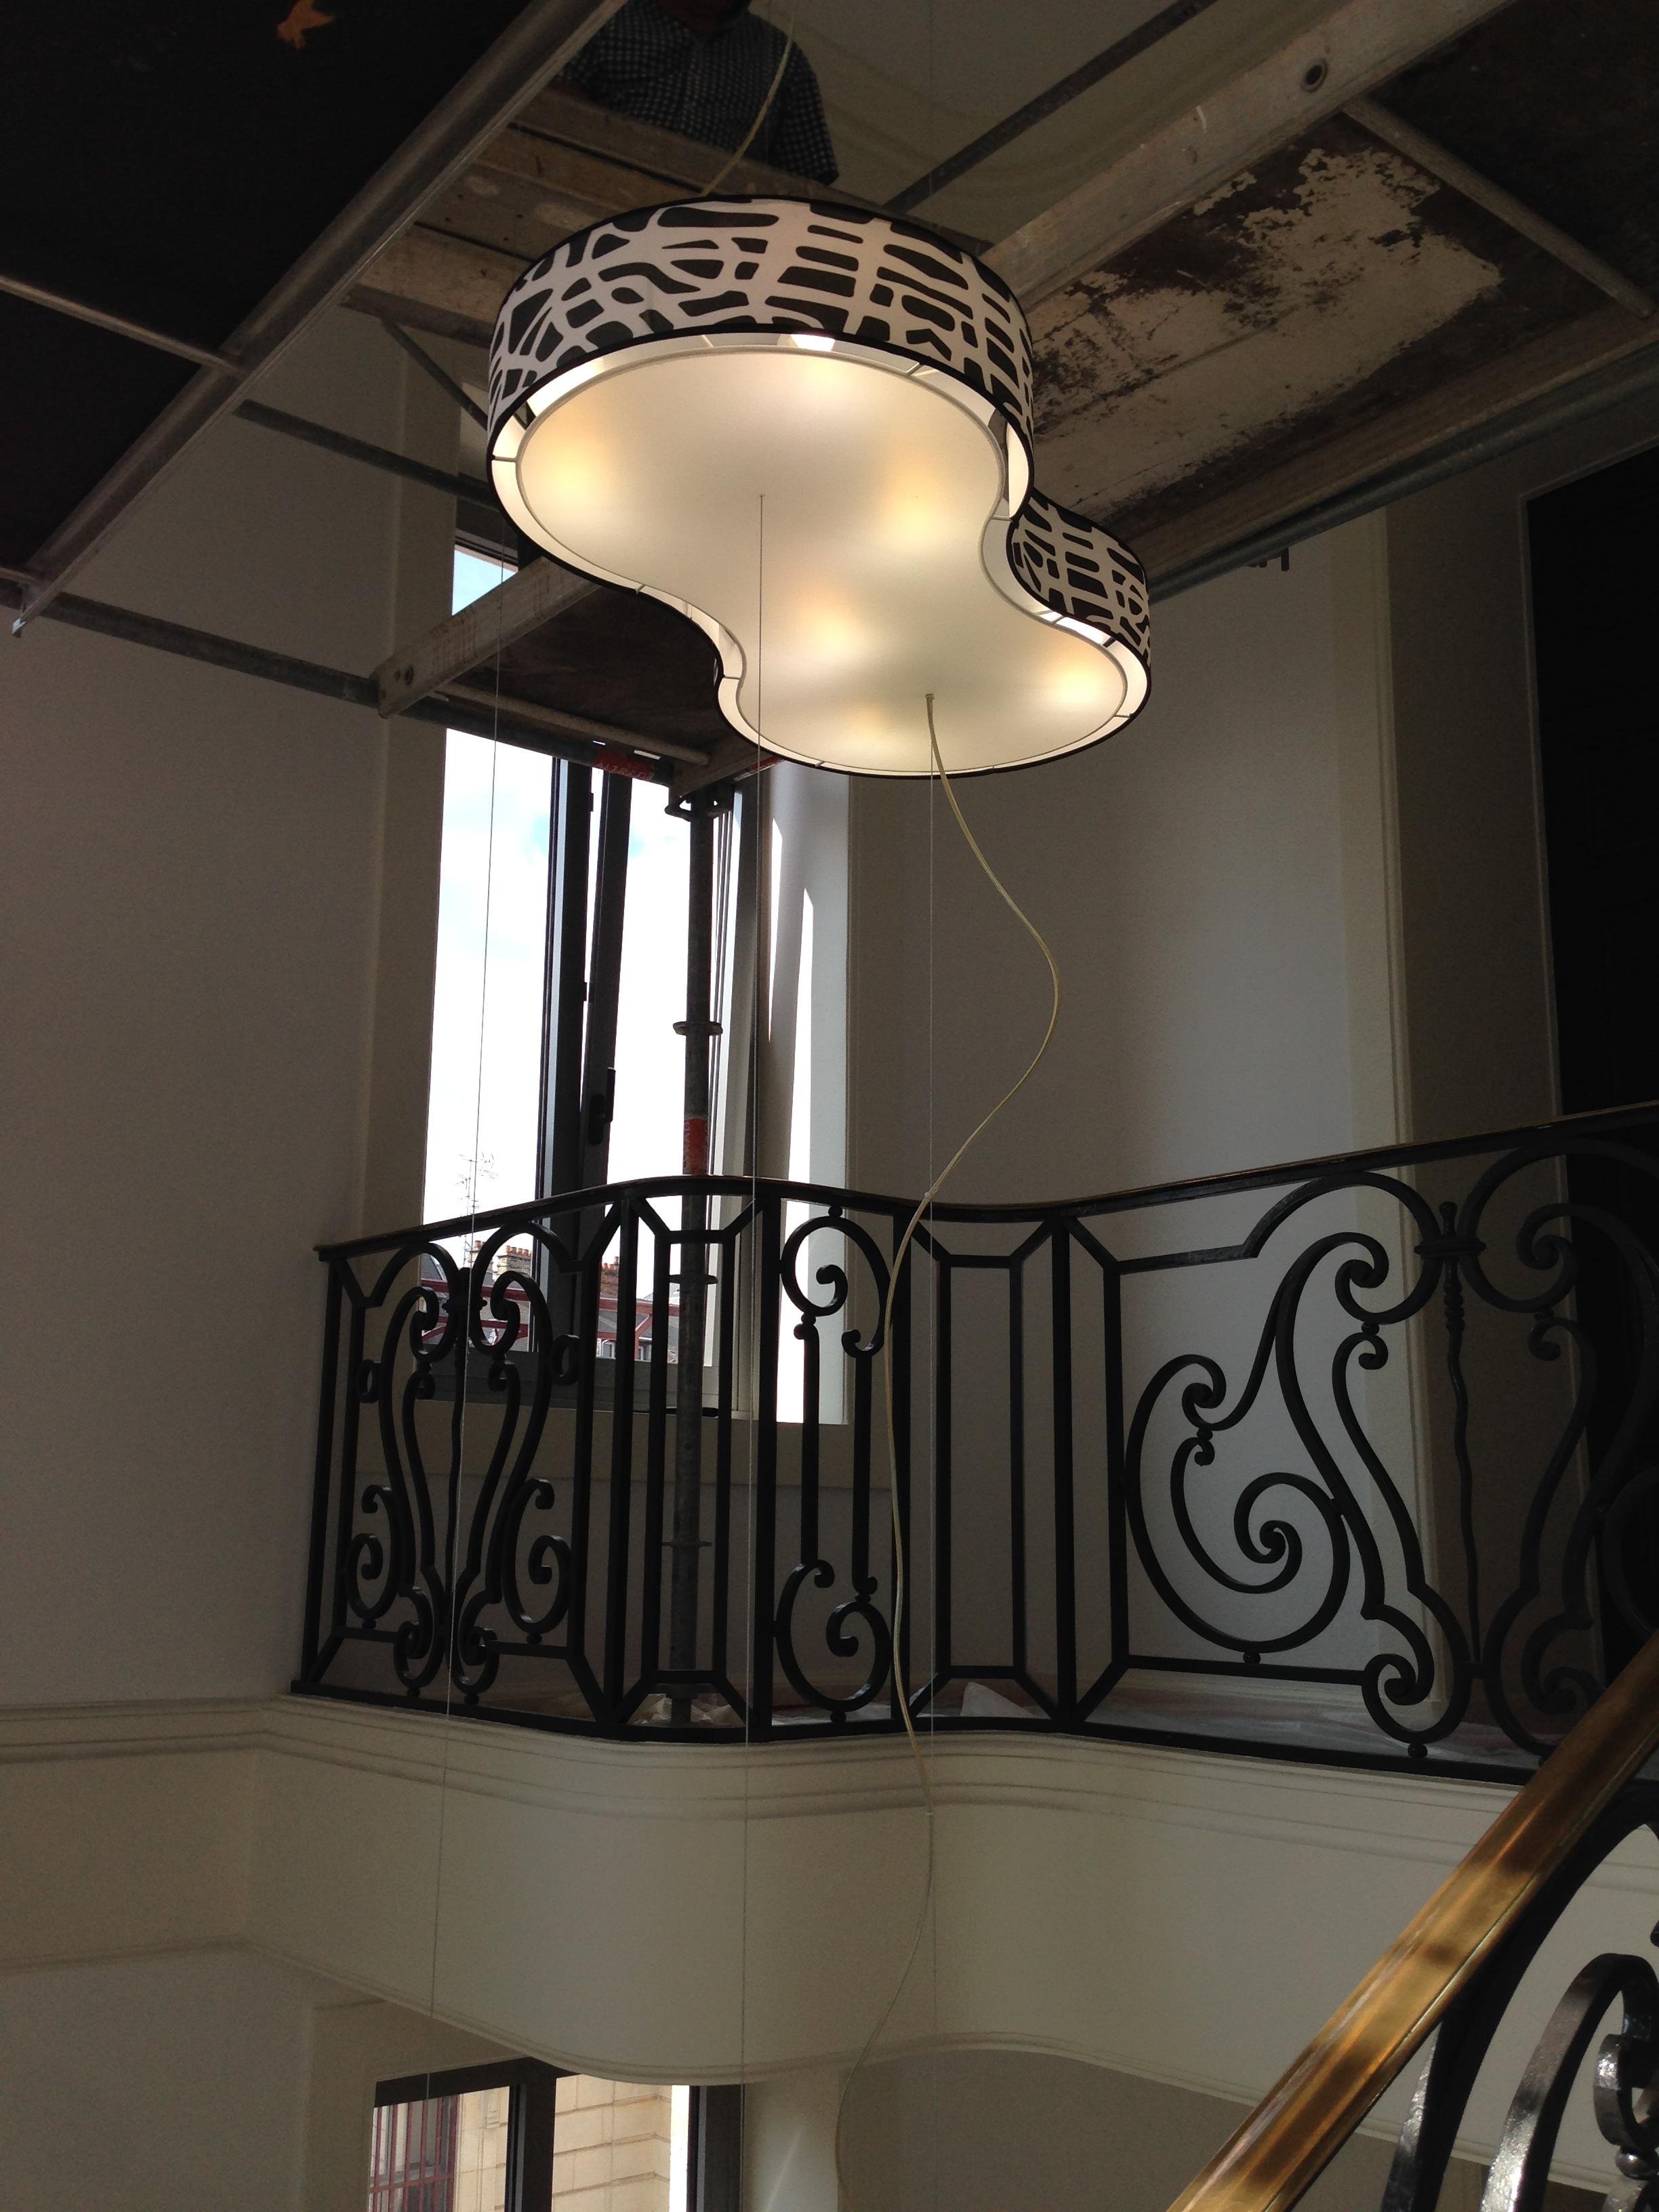 Eclairage architecturale LED belfort sur mesure